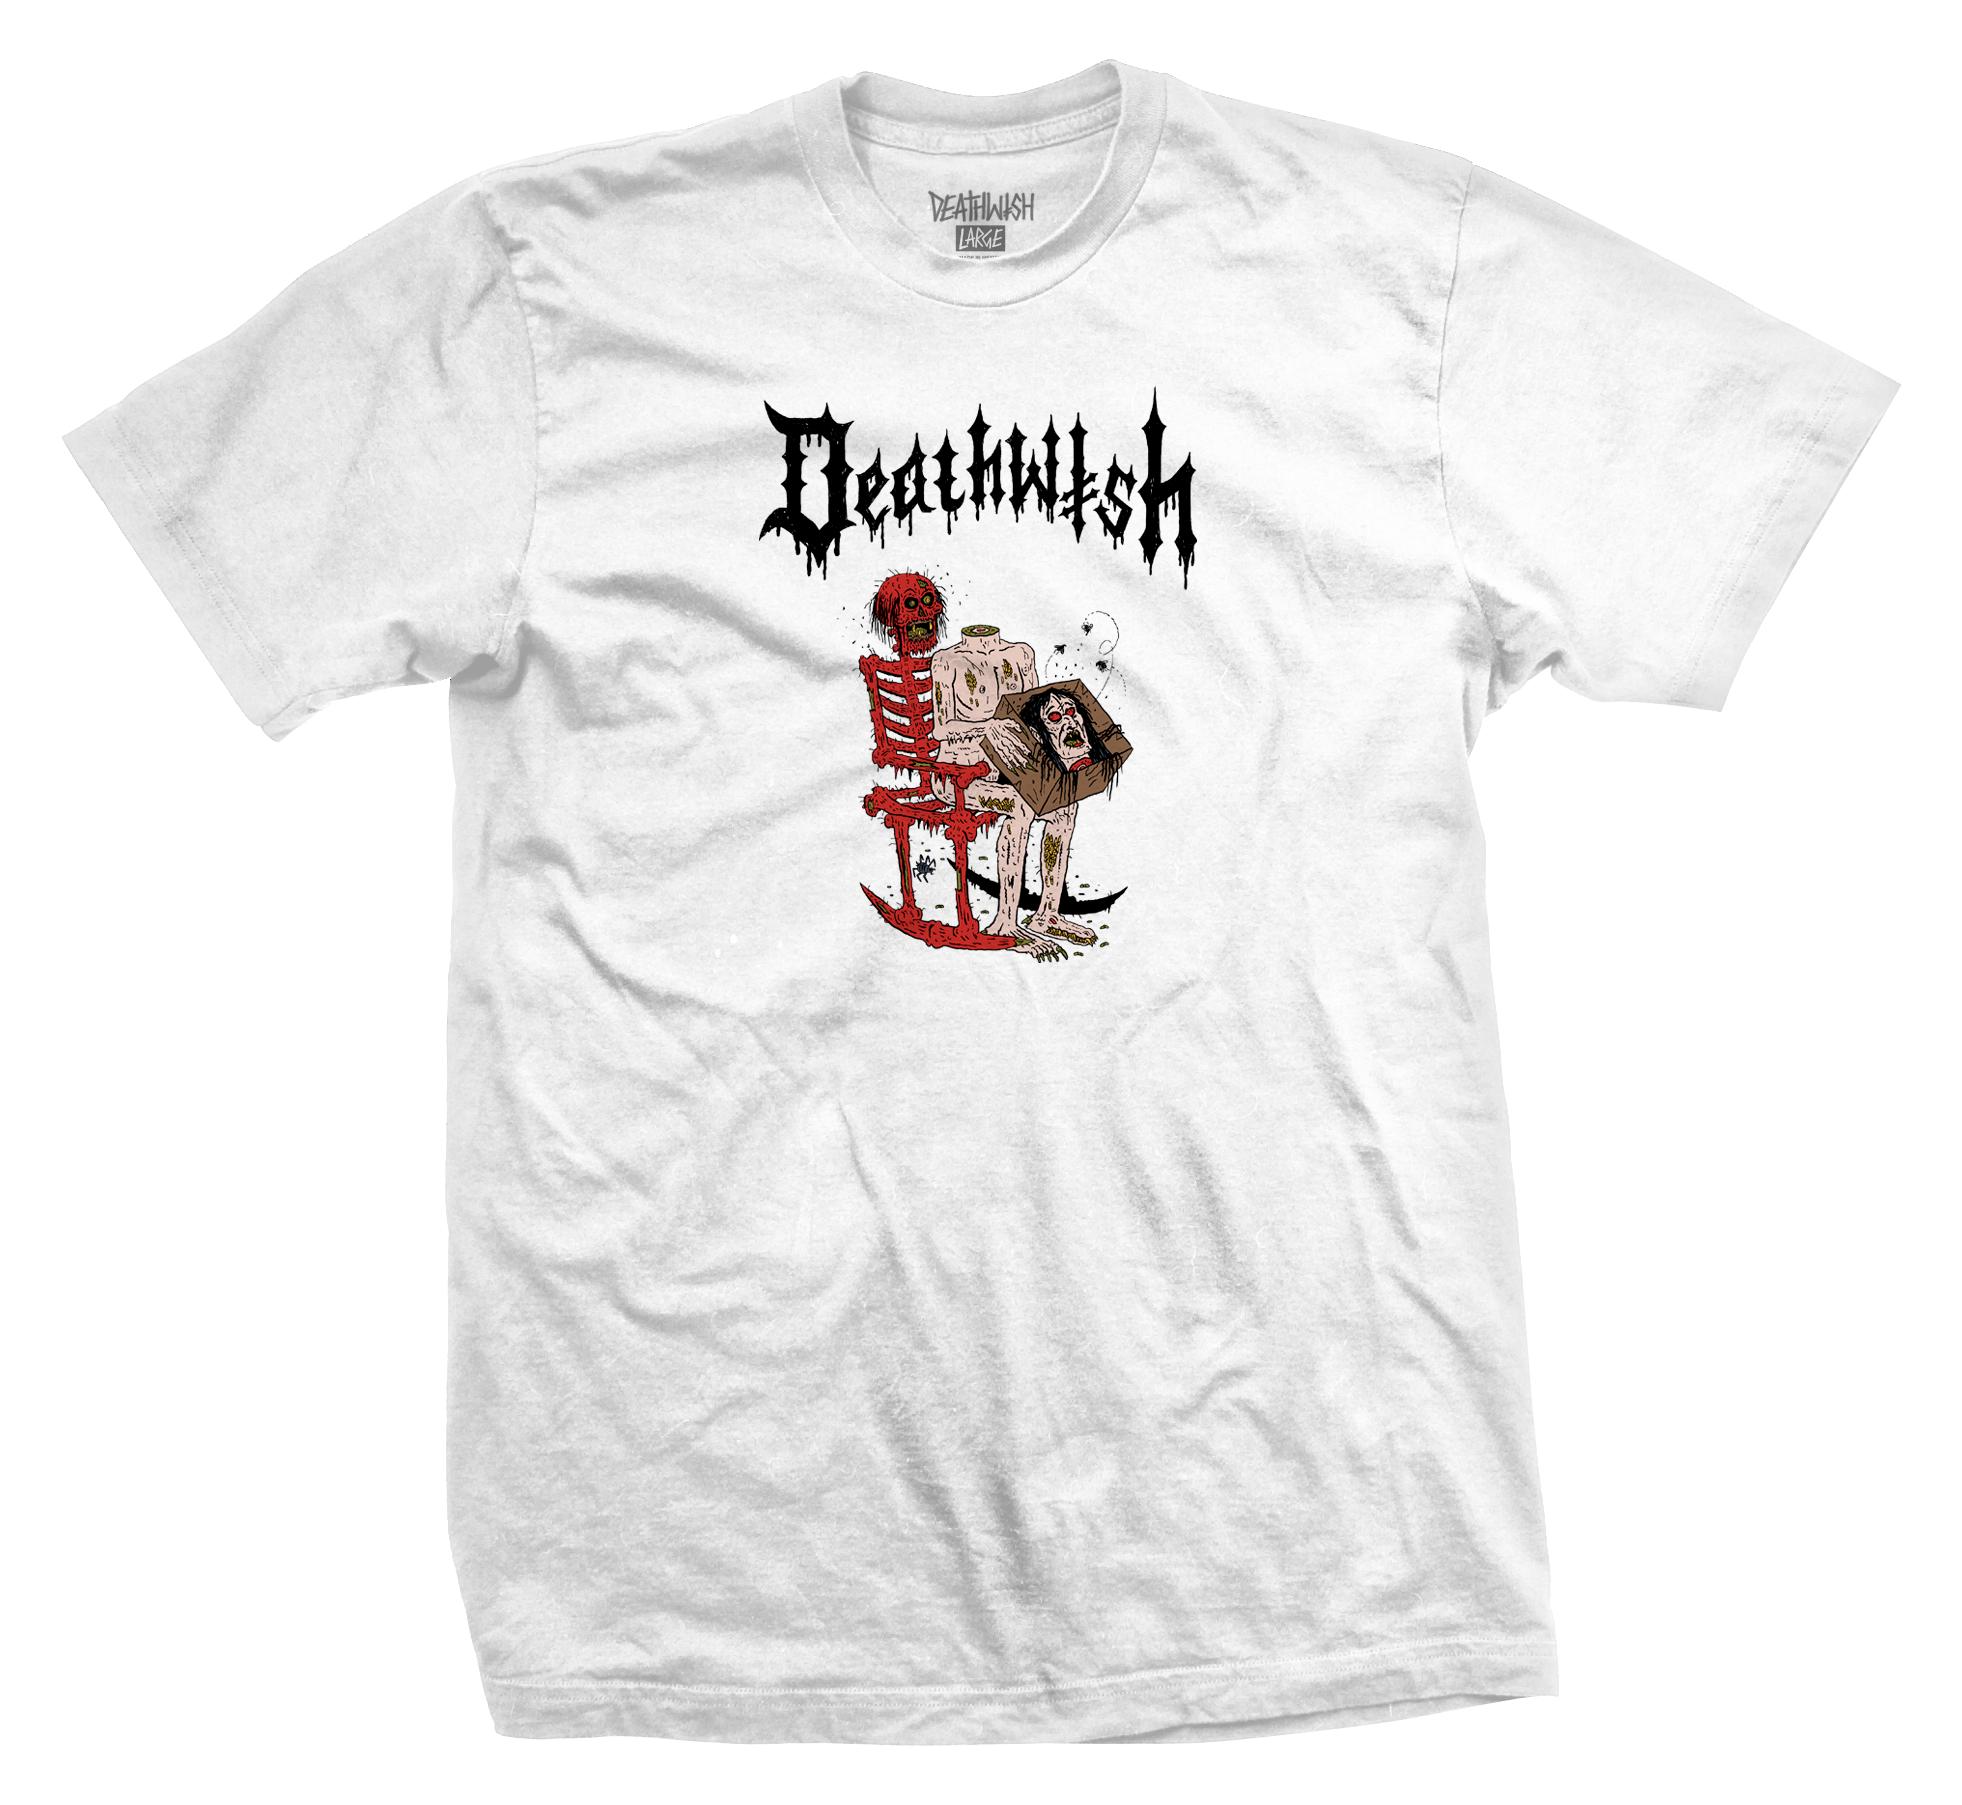 Deathwish Skateboards Death Wichz White Tee